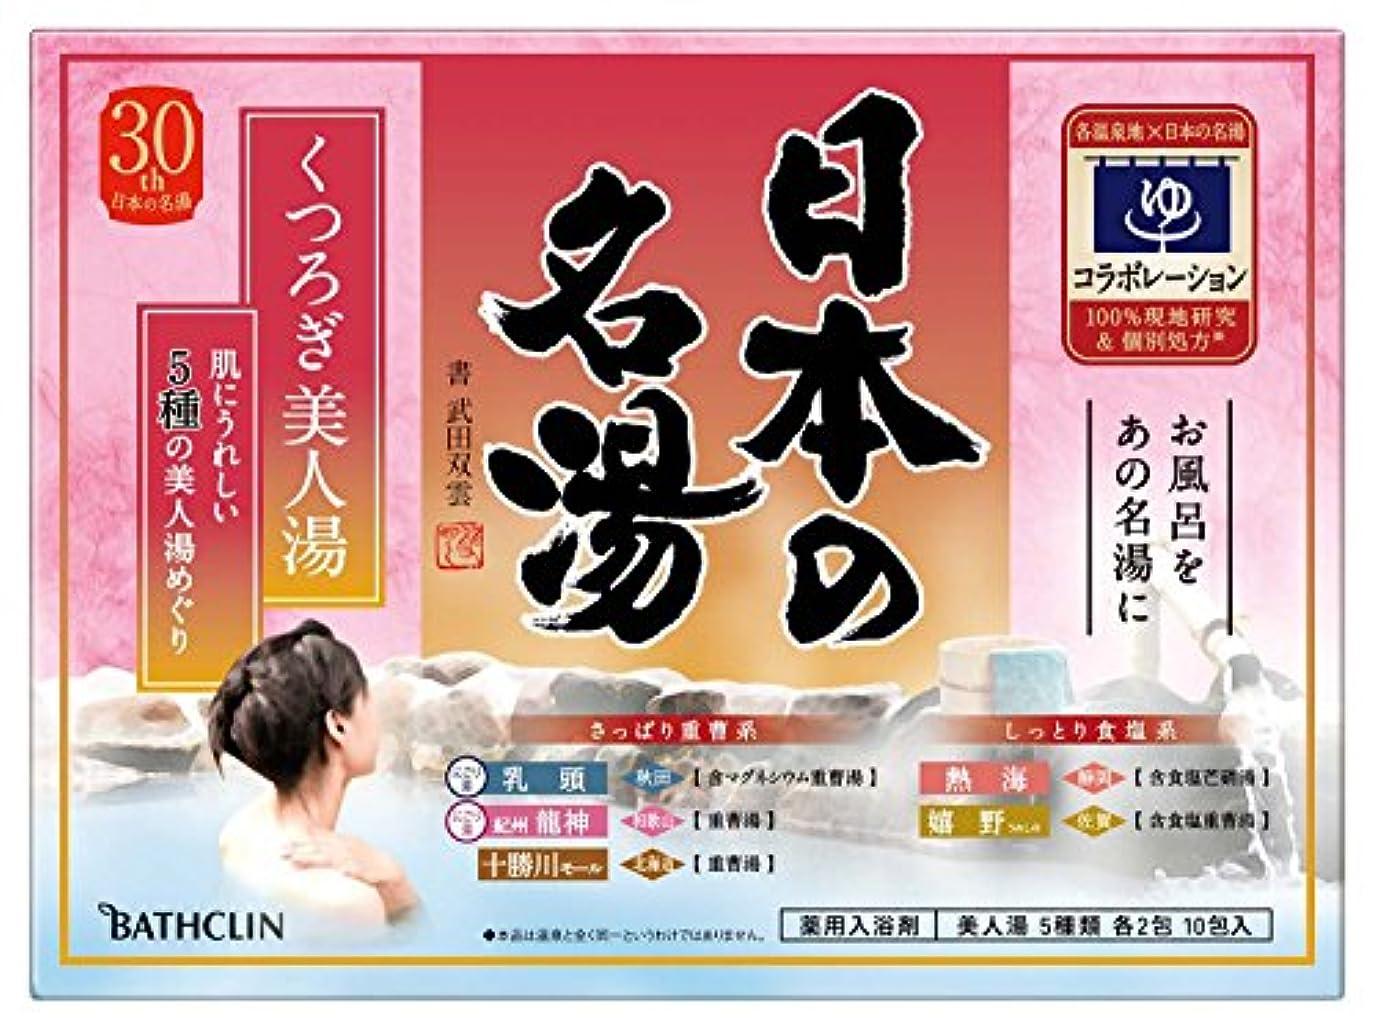 膜アドバンテージ真夜中【医薬部外品】日本の名湯入浴剤 くつろぎ美人湯 30g ×10包 個包装 詰め合わせ 温泉タイプ